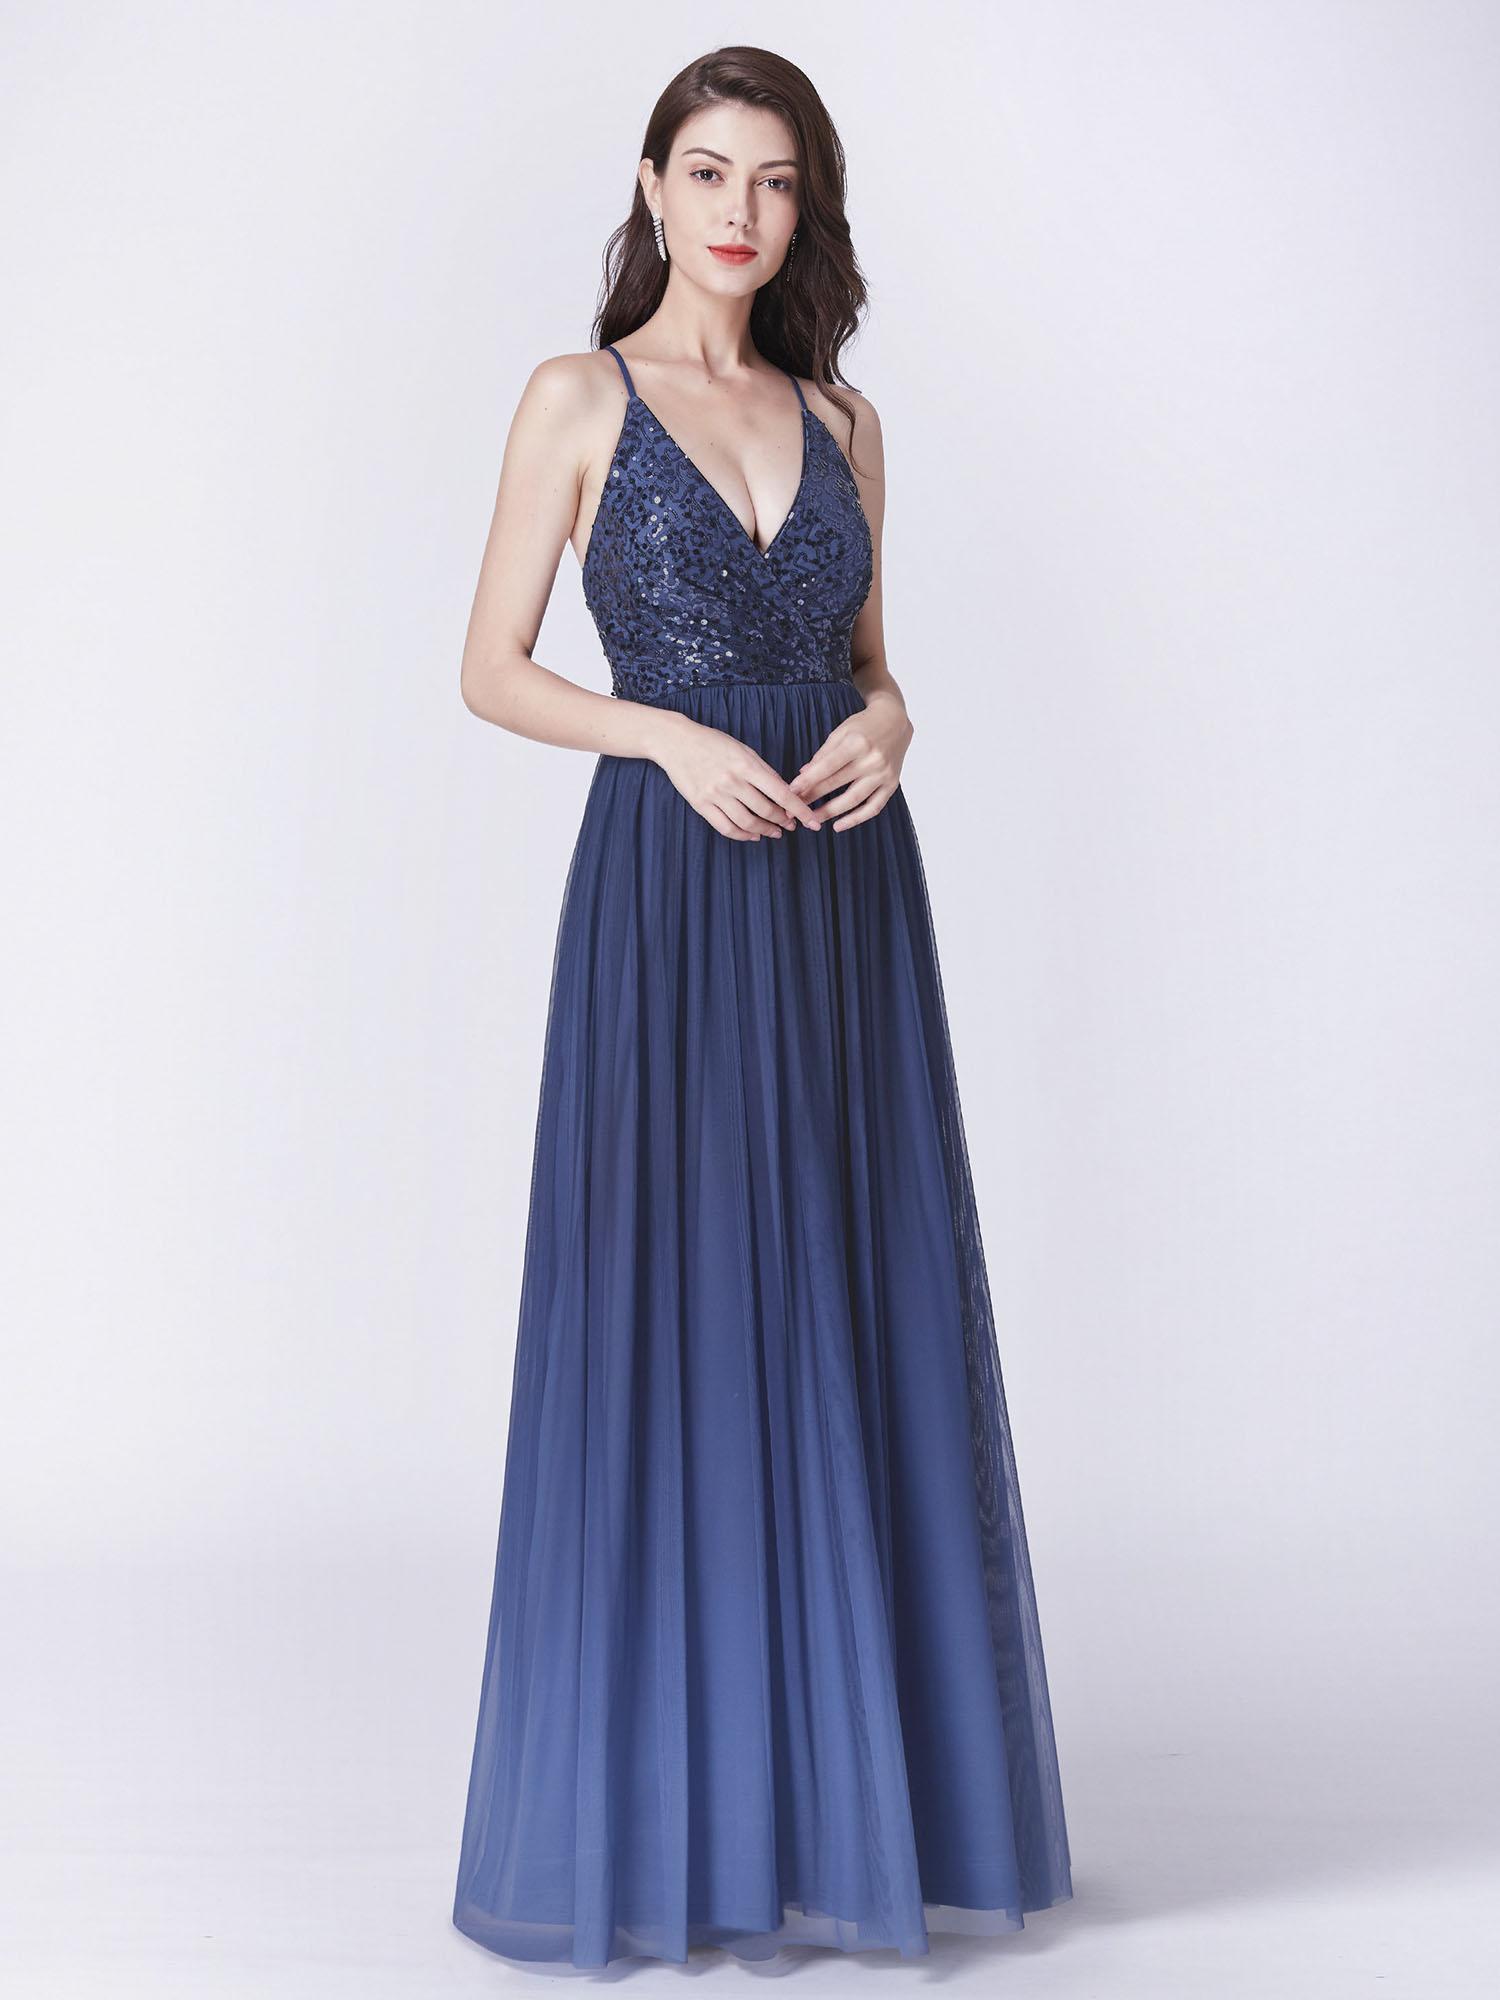 4a38d403e9a Ever-Pretty V-Neck A-Line Long Evening Prom Navy Blue Sequin ...